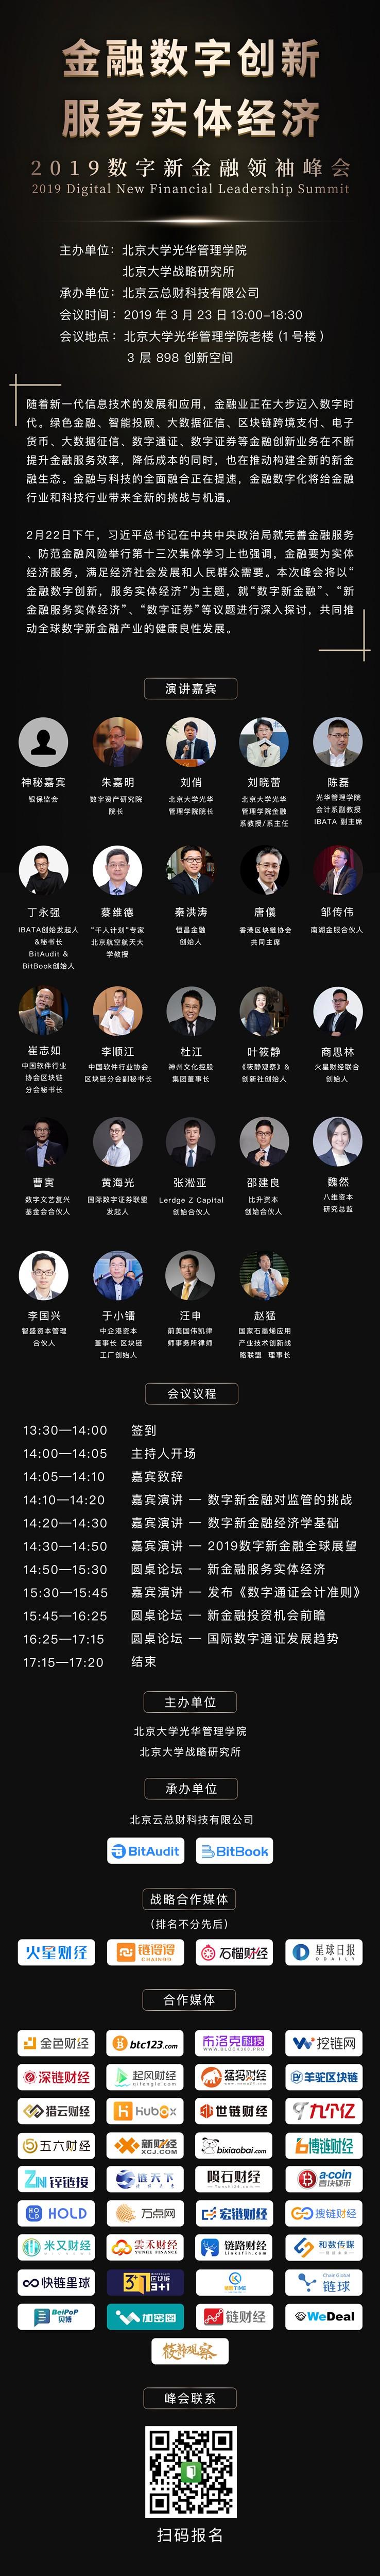 北大将举办2019 数字新金融领袖峰会,《数字通证会计准则》引关注